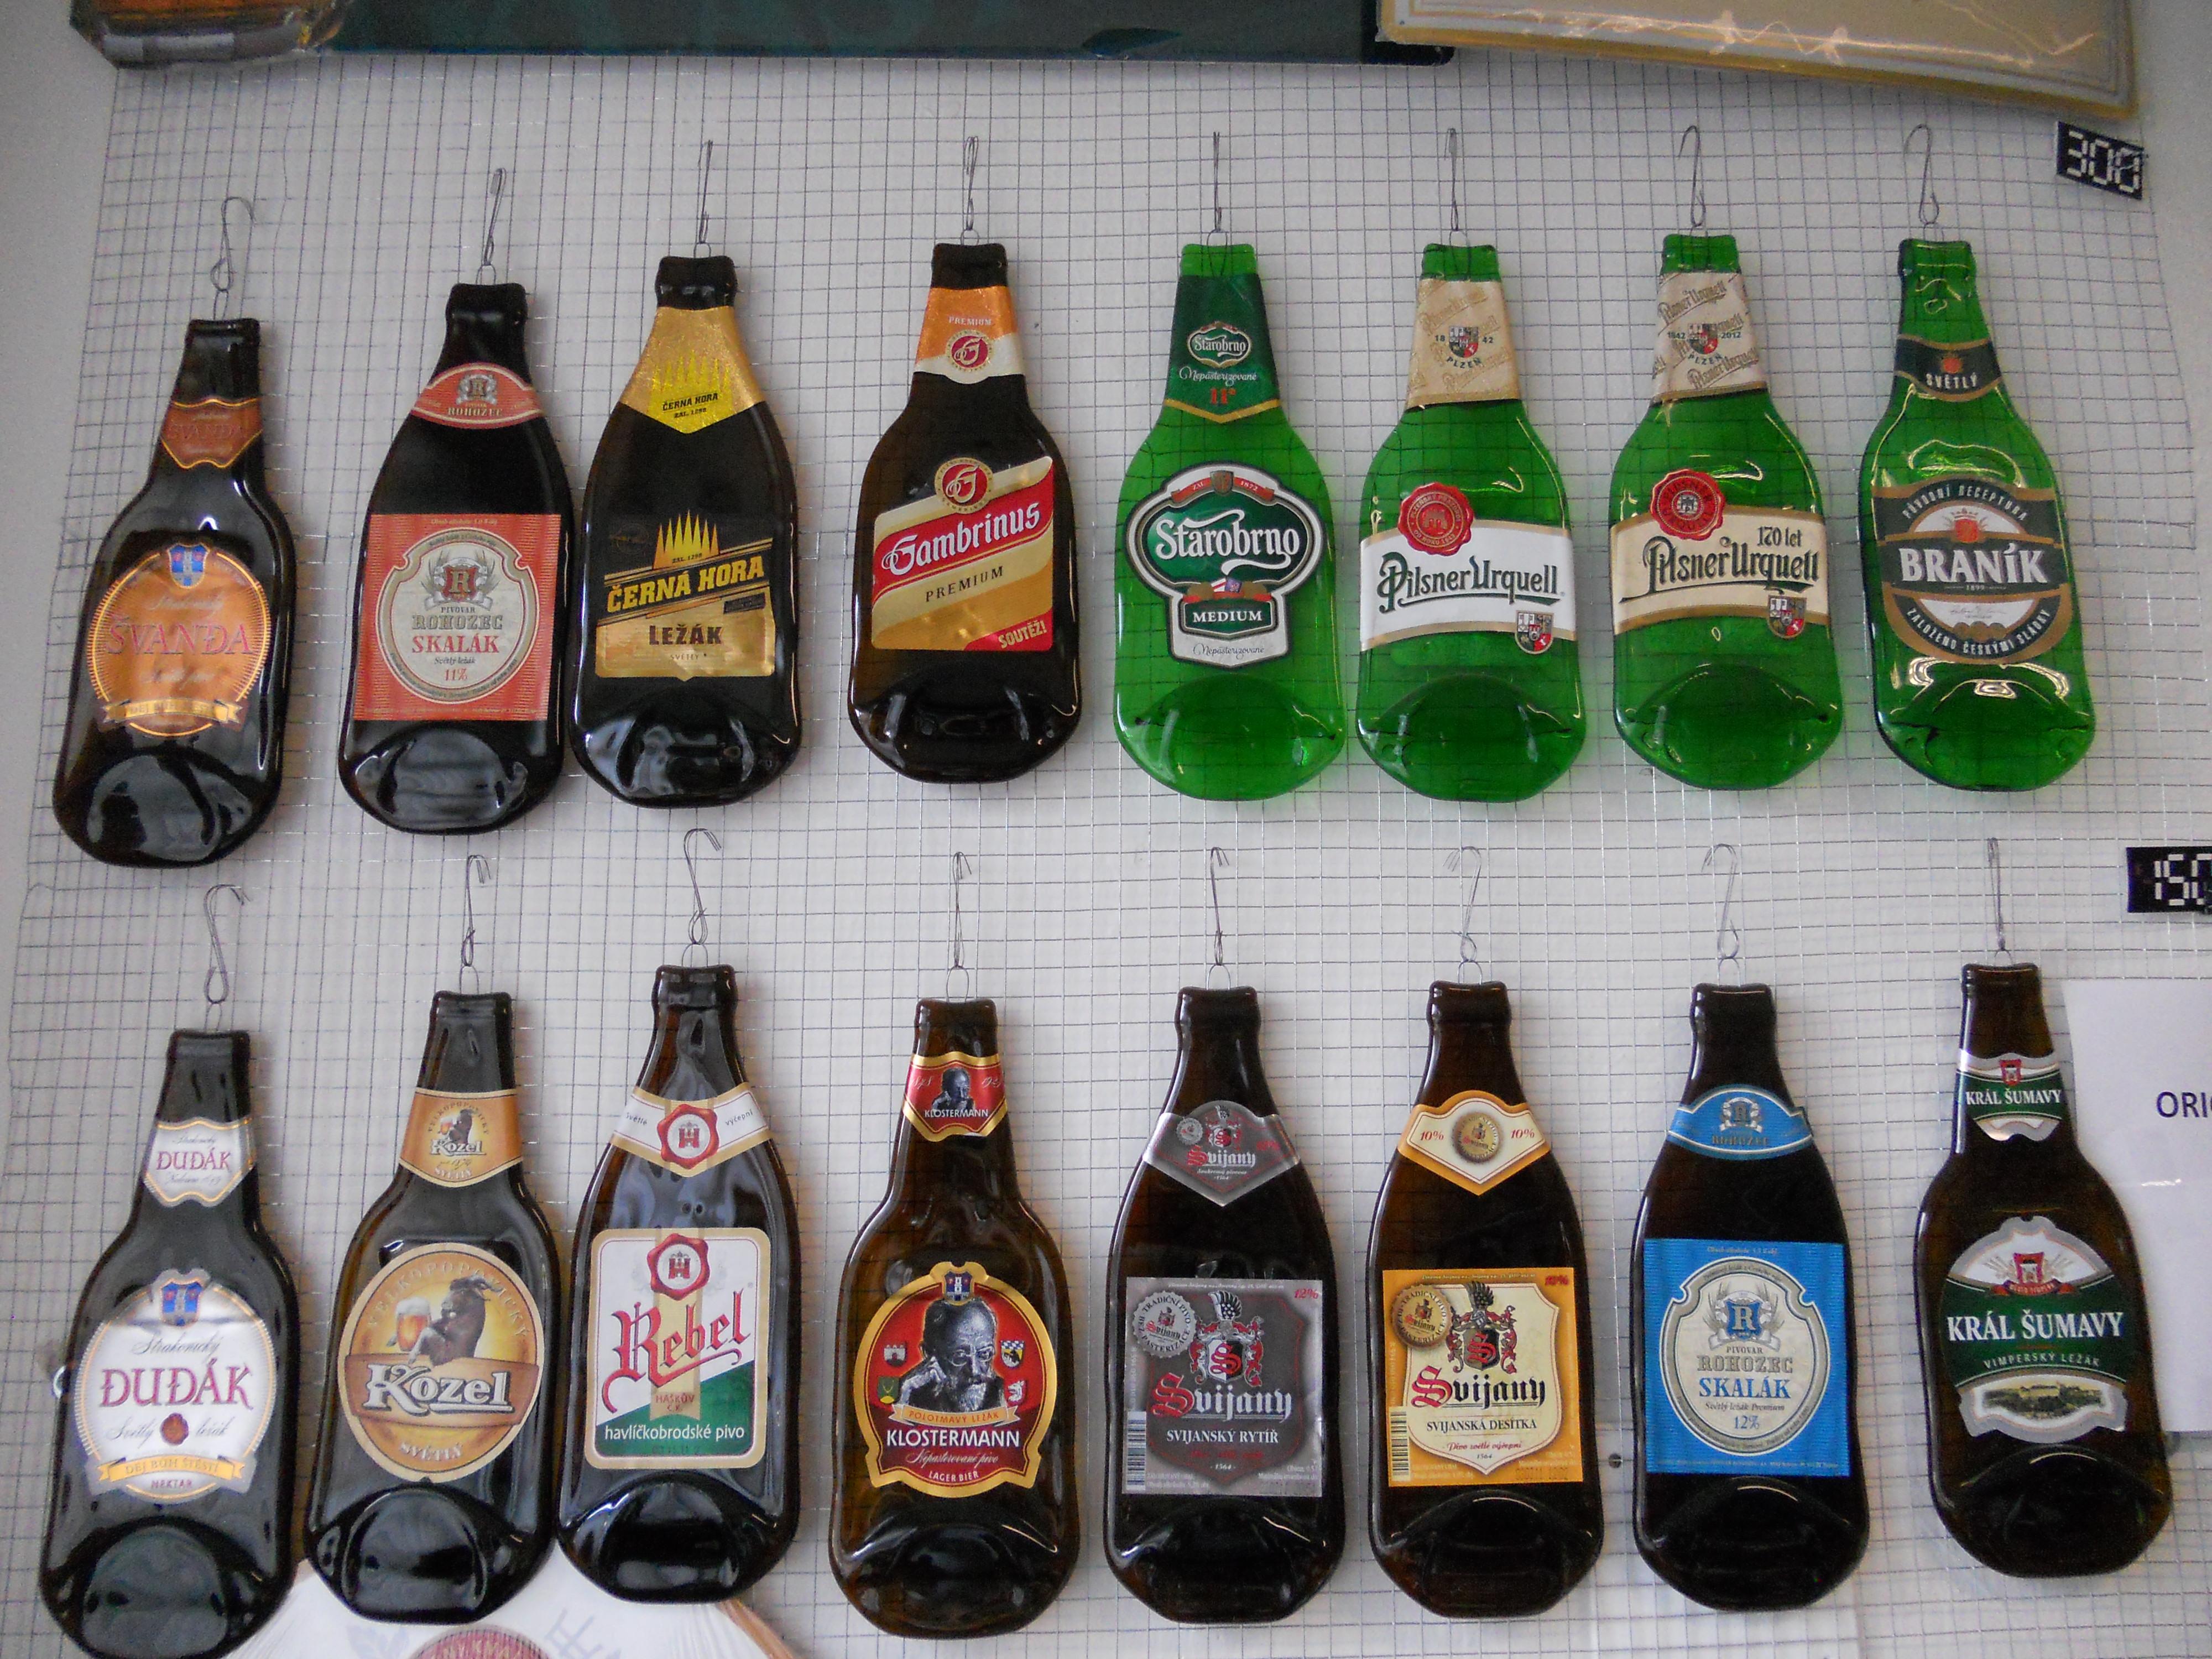 Lisované skleněné pivní láhve